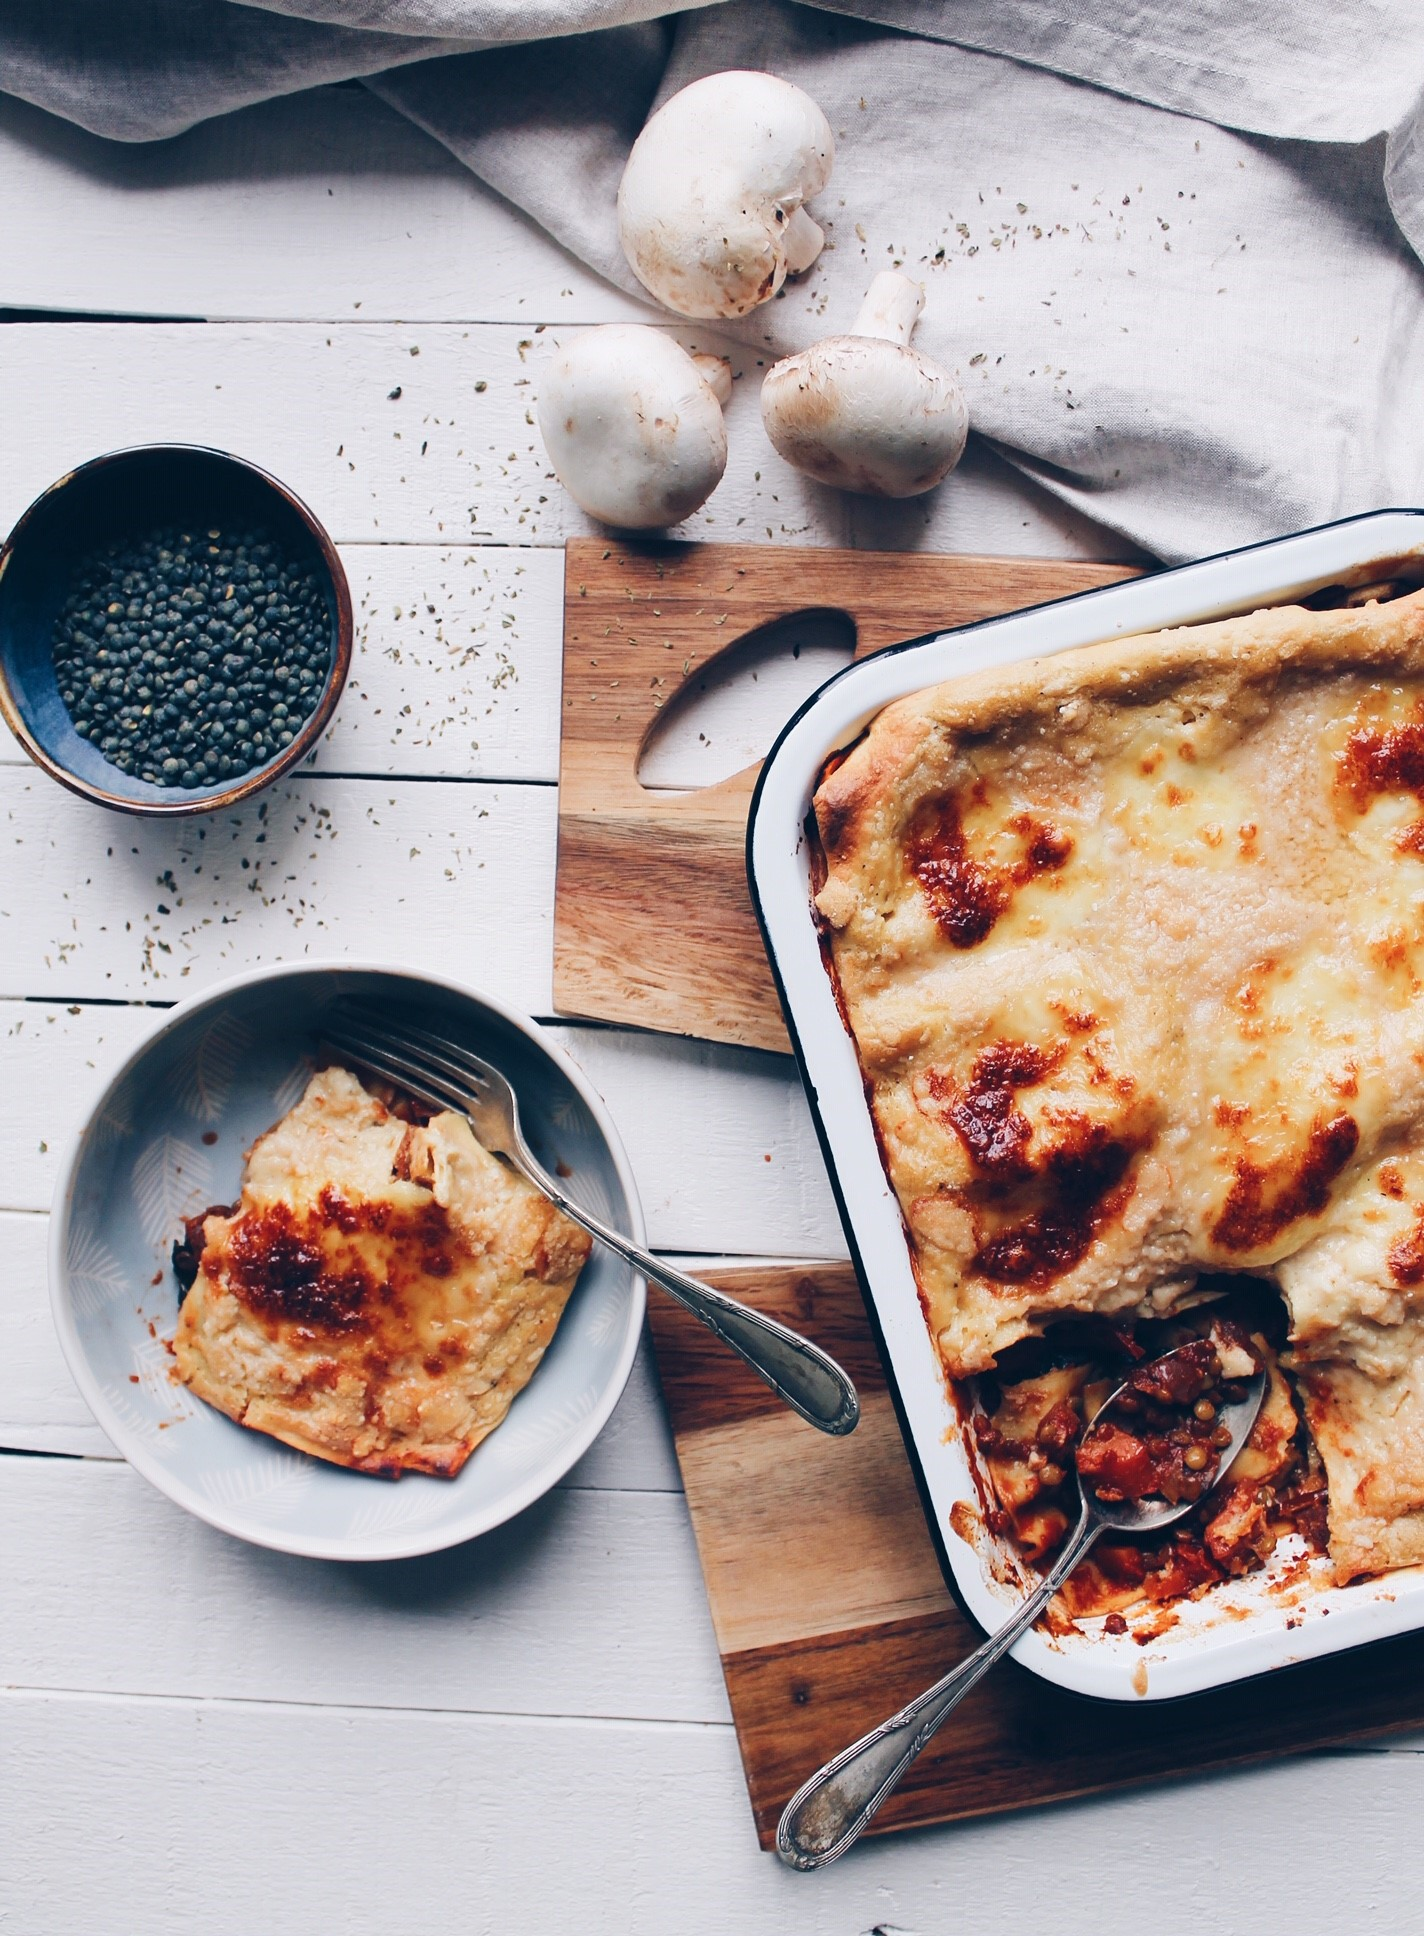 Recette de lasagne végétarienne réalisée avec une sauce bolognaise aux lentilles sur le blog laualamenthe.com